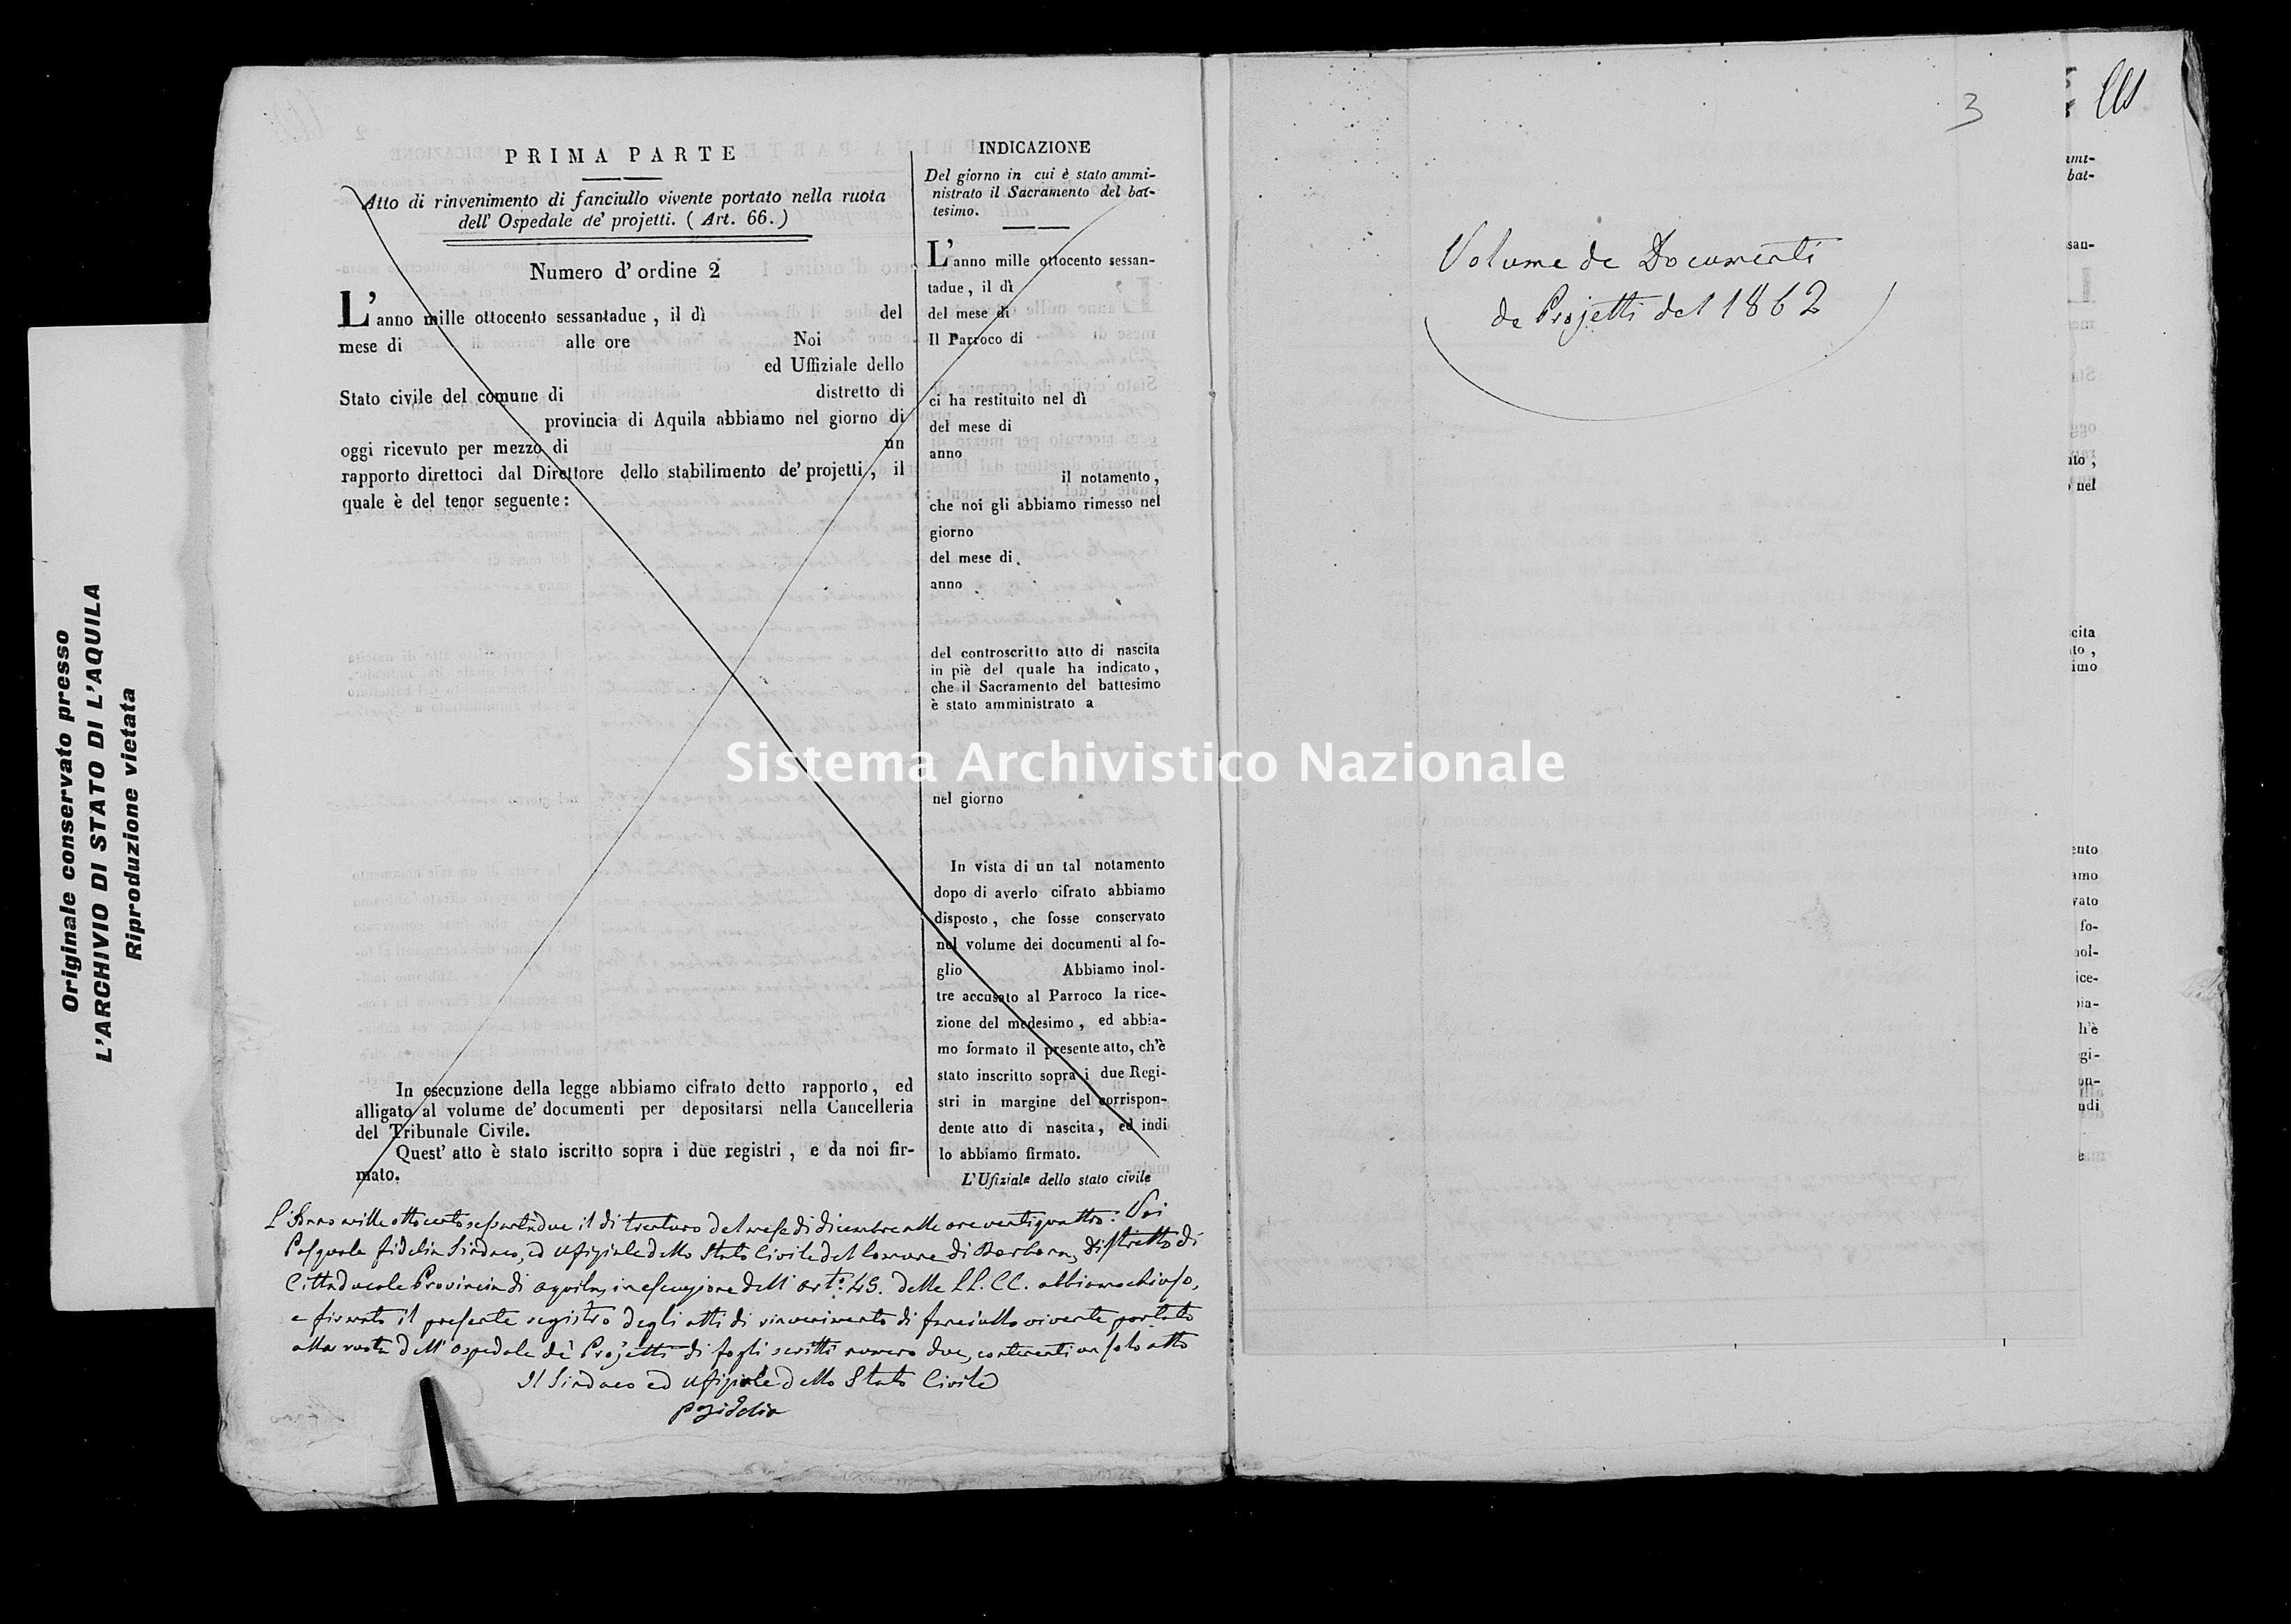 Archivio di stato di L'aquila - Stato civile italiano - Borbona - Nati, battesimi esposti - 1862 - 776 -